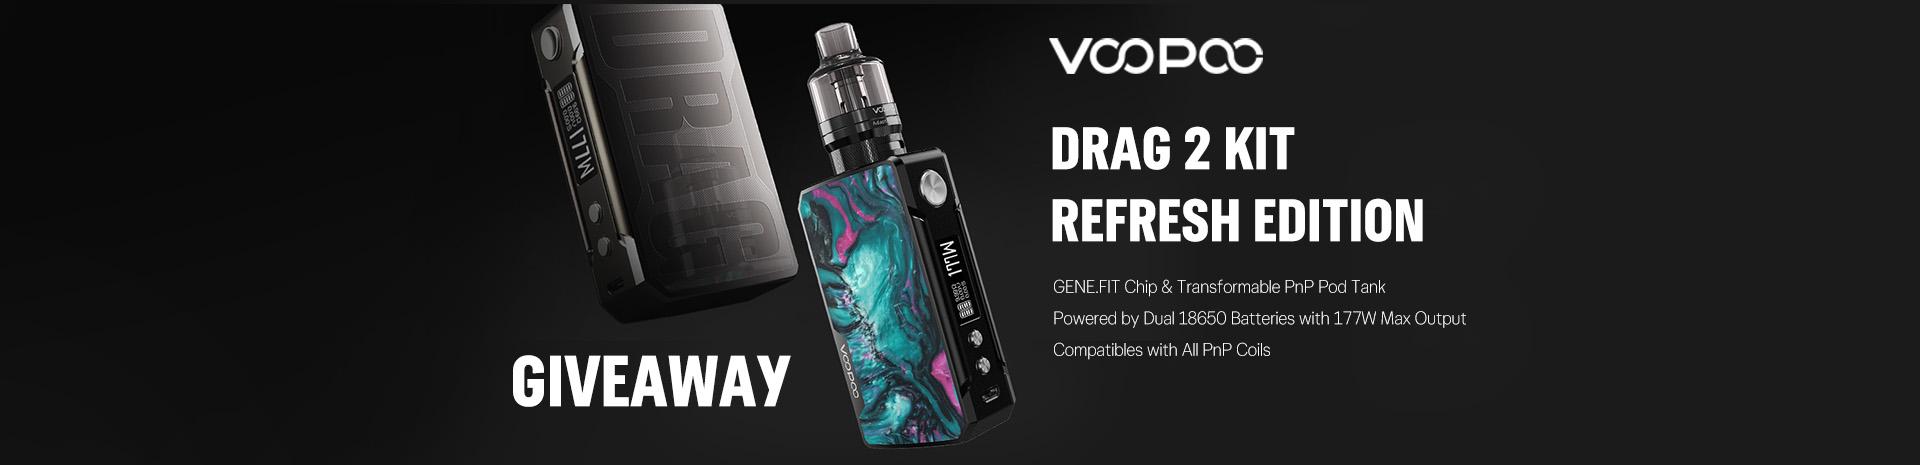 VOOPOO Drag 2 Kit Giveaway